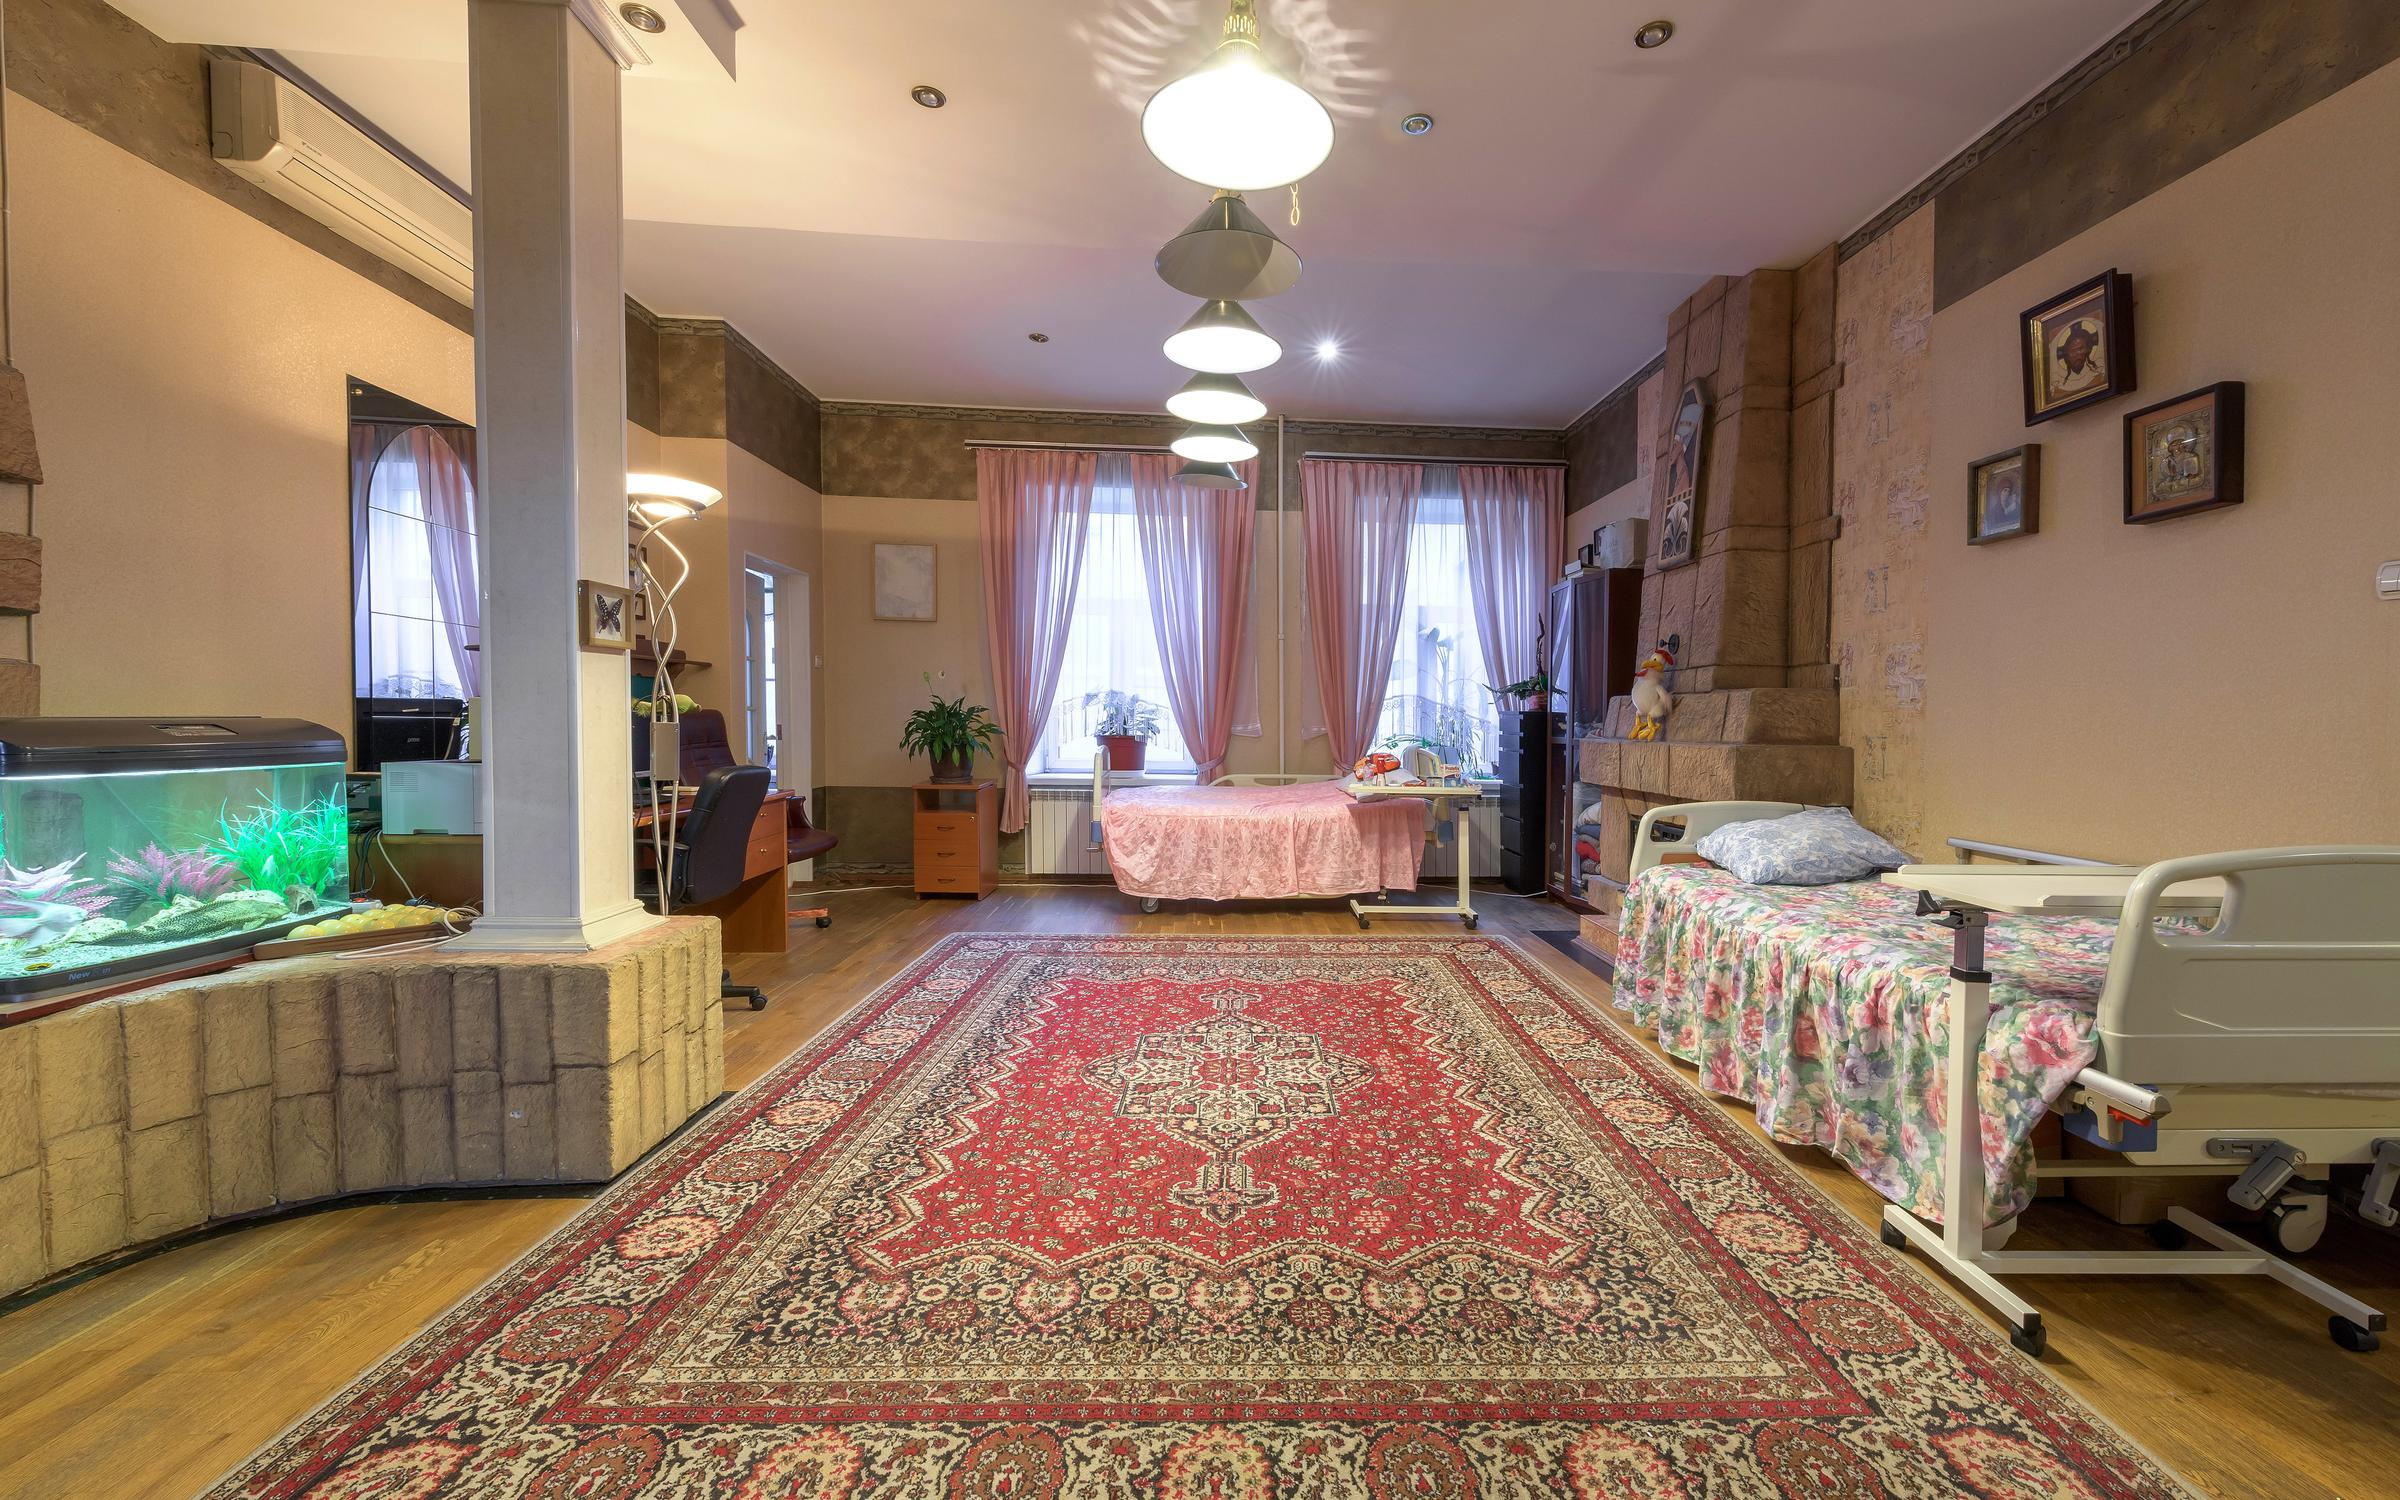 Русь дома престарелых интернат для престарелых в шымкенте